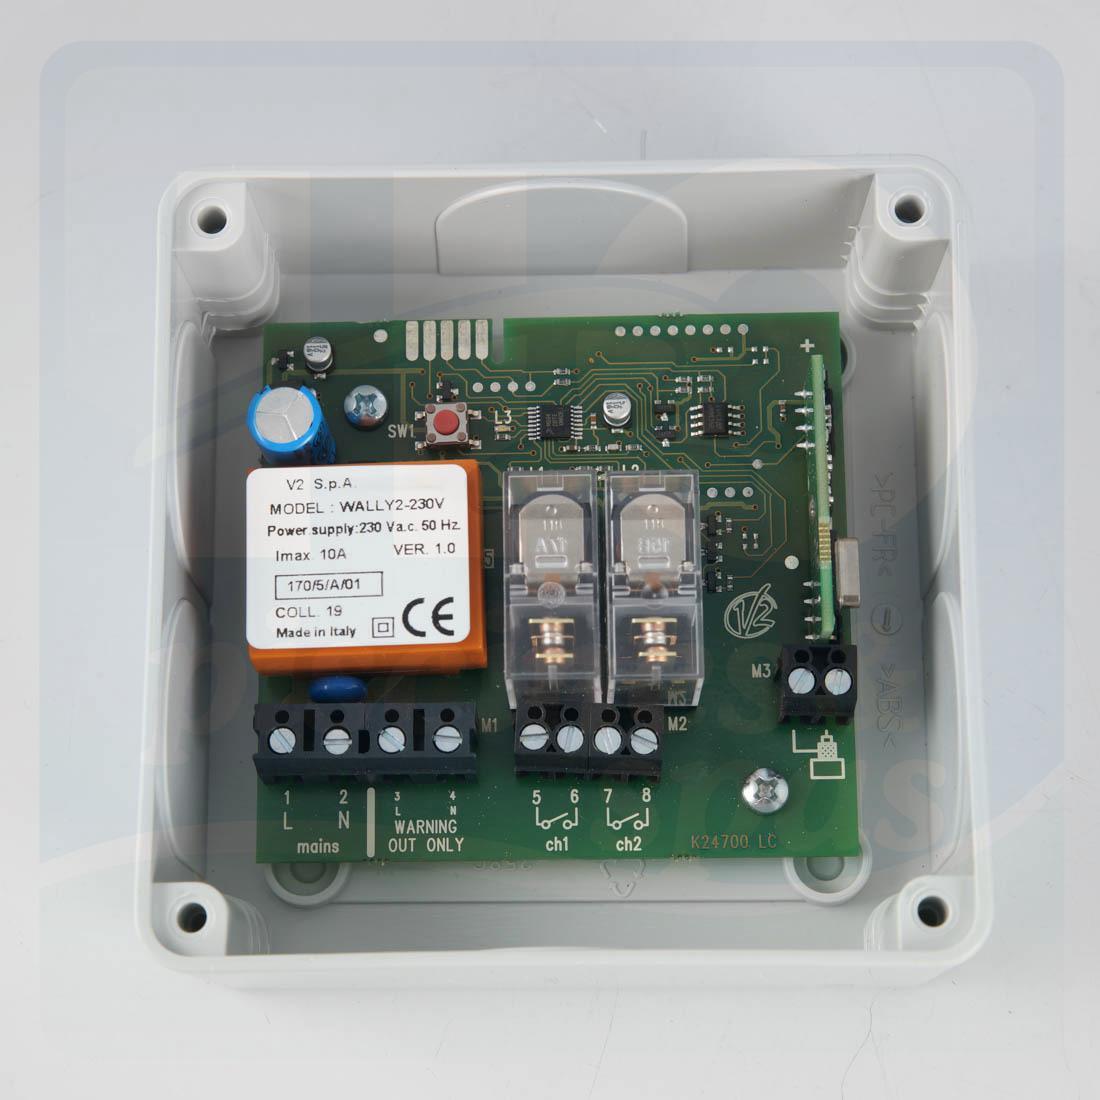 Coffret De Commande À Distance Pour Projecteurs Piscine - H2O Piscines &  Spas intérieur Coffret Piscine